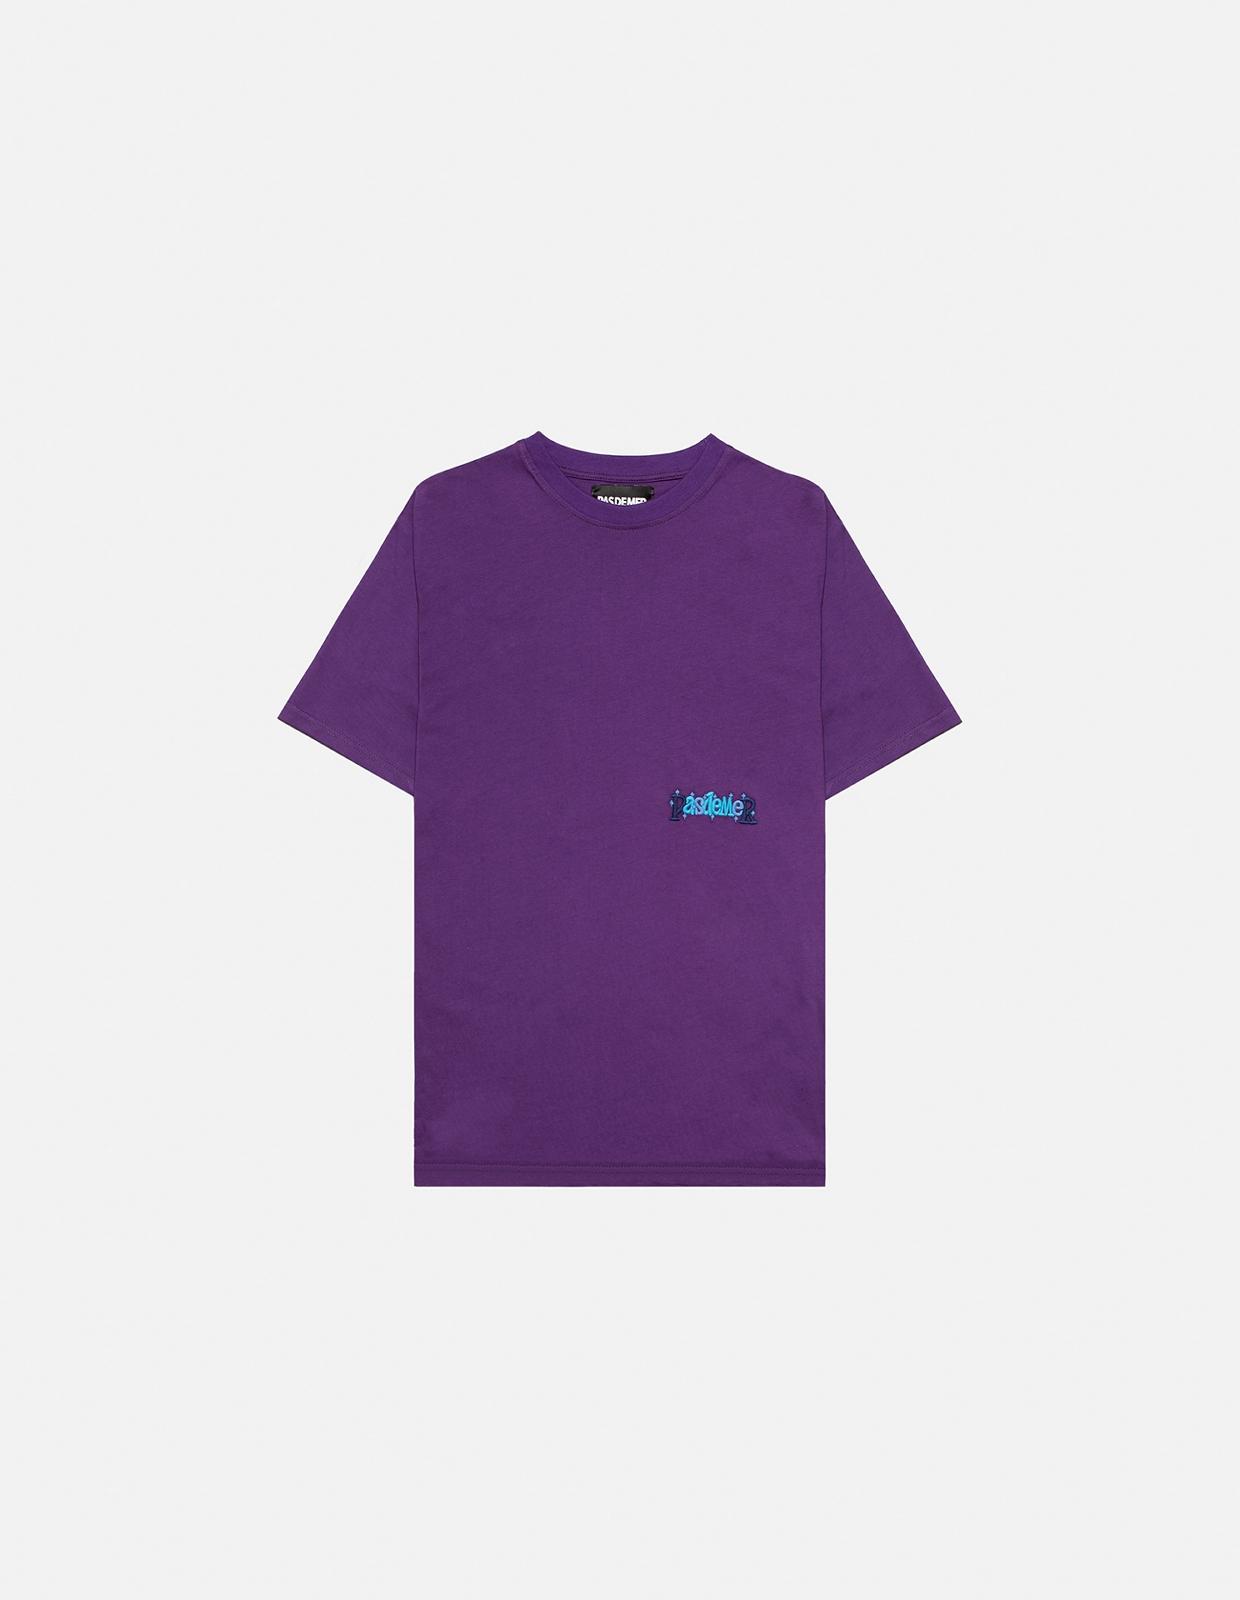 【PAS DE MER/パドゥメ】ICE T-SHIRT Tシャツ / PURPLE